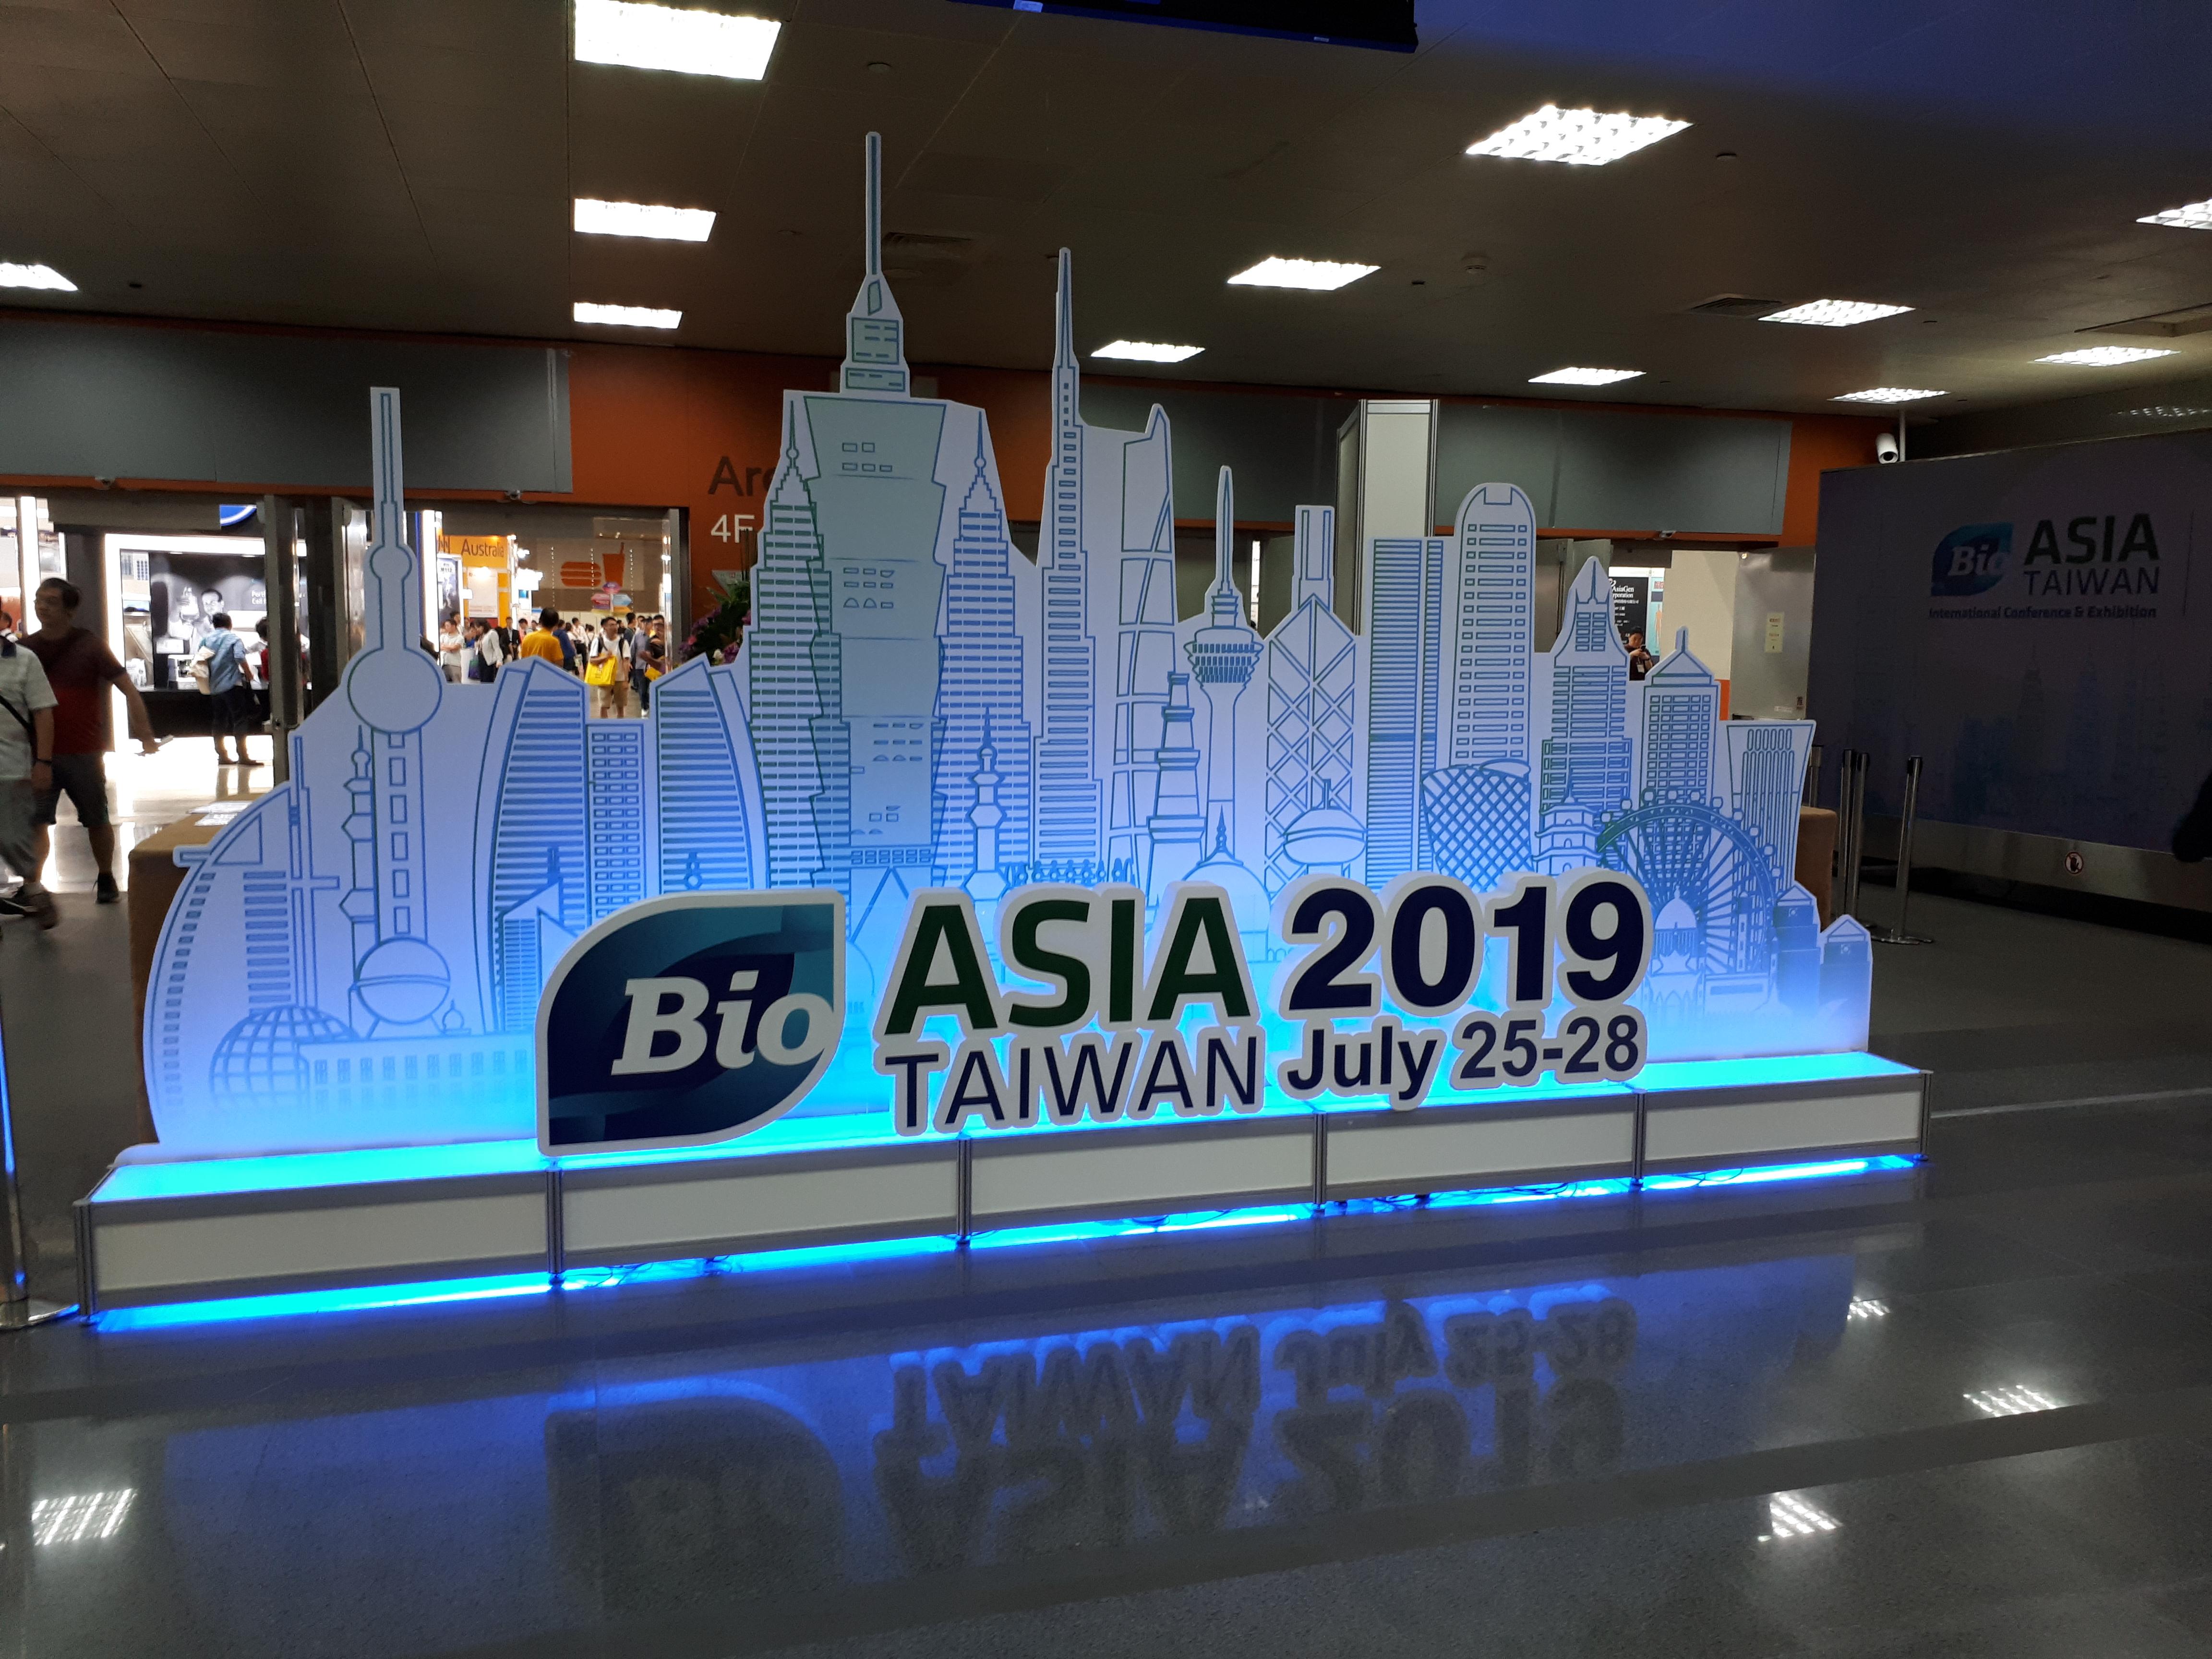 本團產品參加2019Bio Asia Taiwan生技展